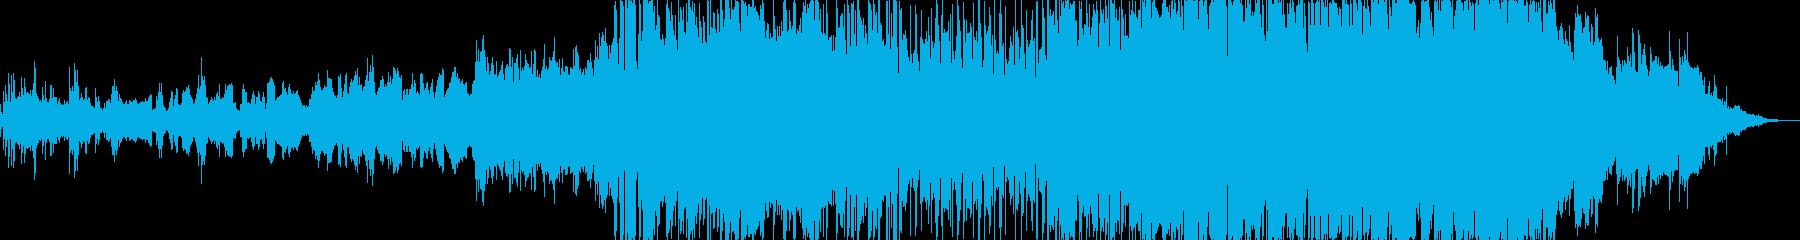 センチメンタルなK-popバラードの再生済みの波形